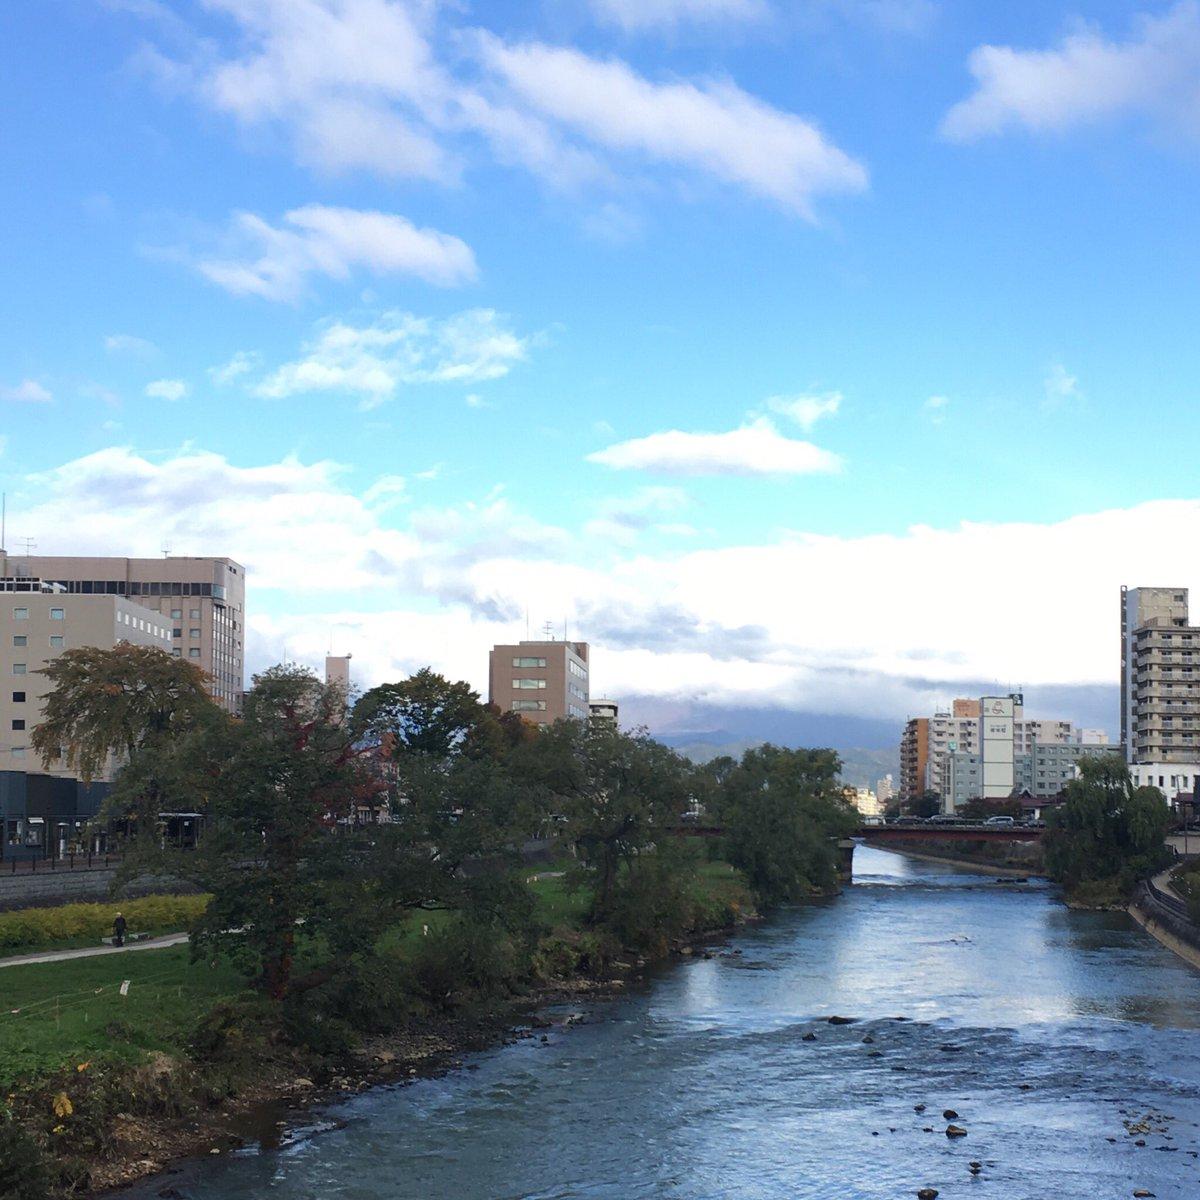 2019/10/23 盛岡市の開運橋から撮影。みなさま、安全第一でお過ごしください。 #岩手 #盛岡 #北上川 #岩手においでよ